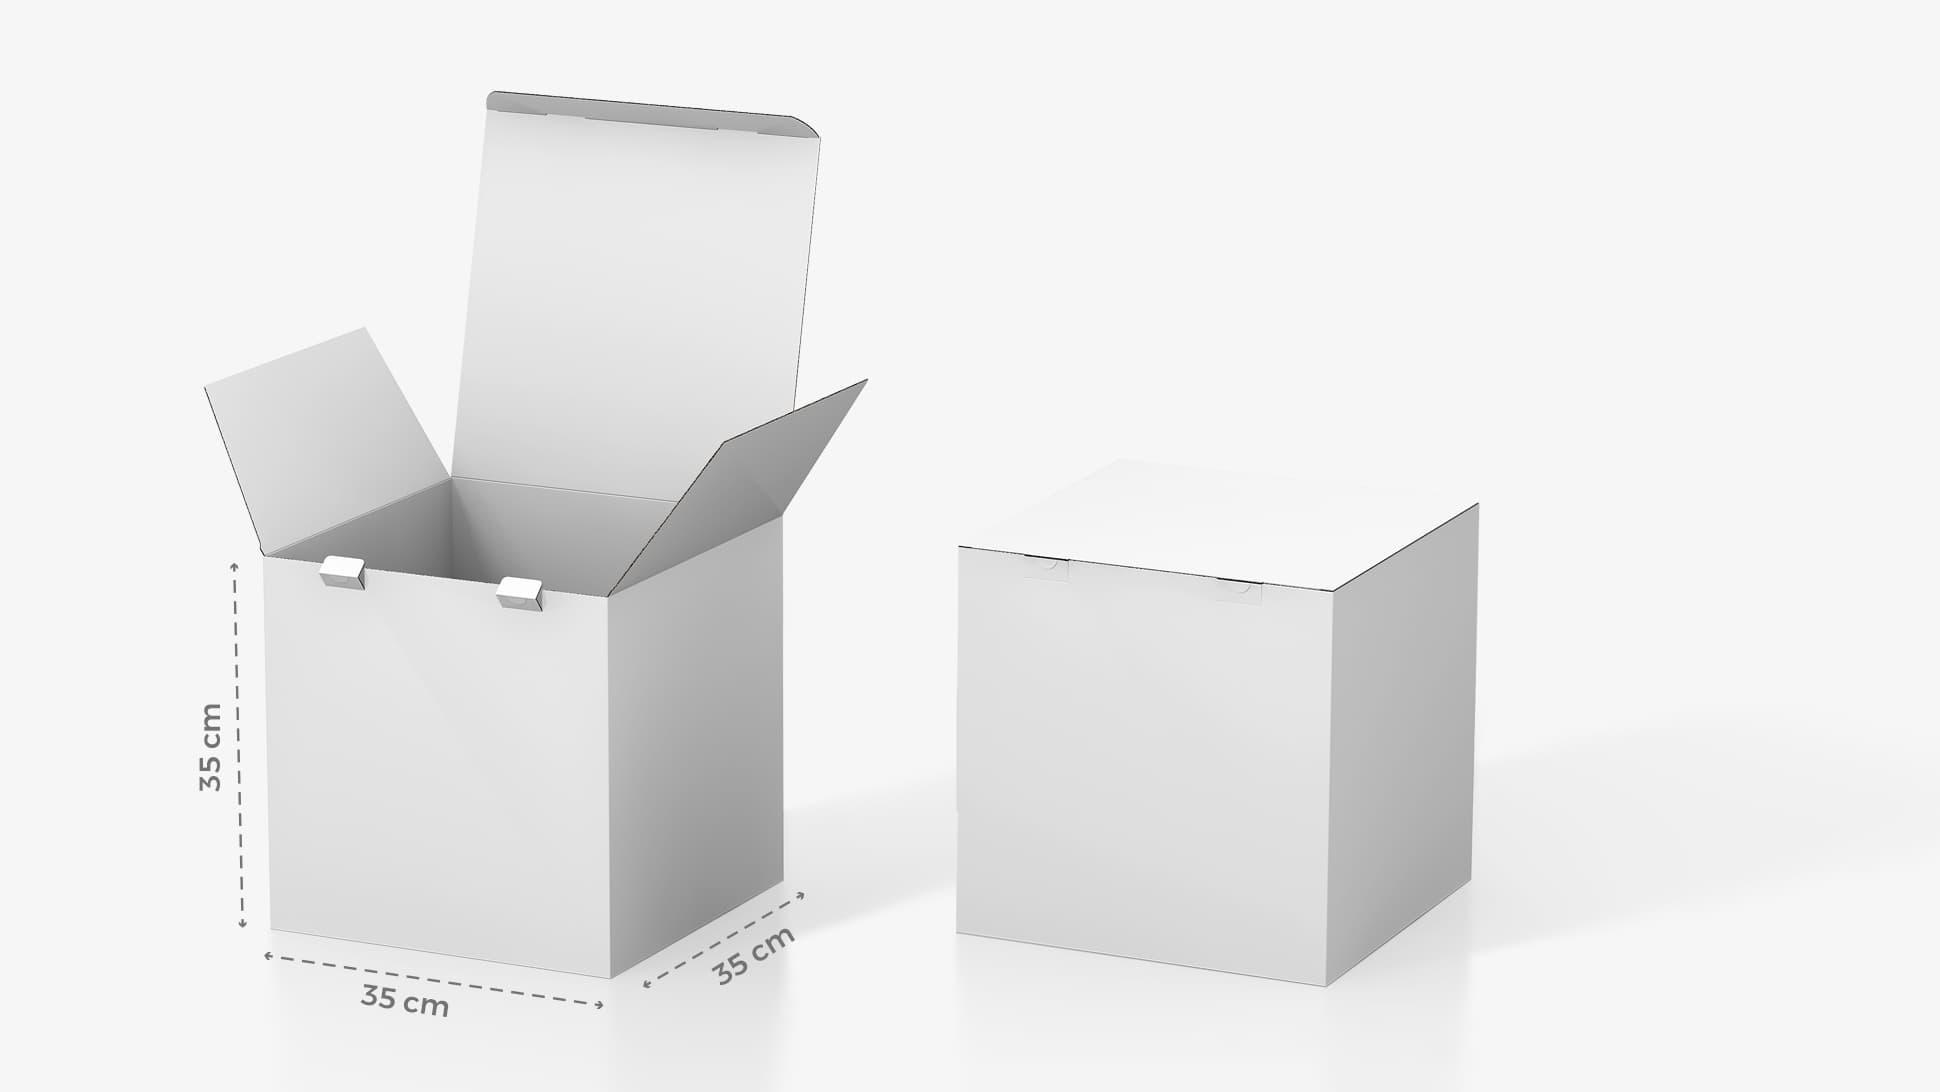 Scatola in cartone 35x35 cm personalizzabile | tictac.it